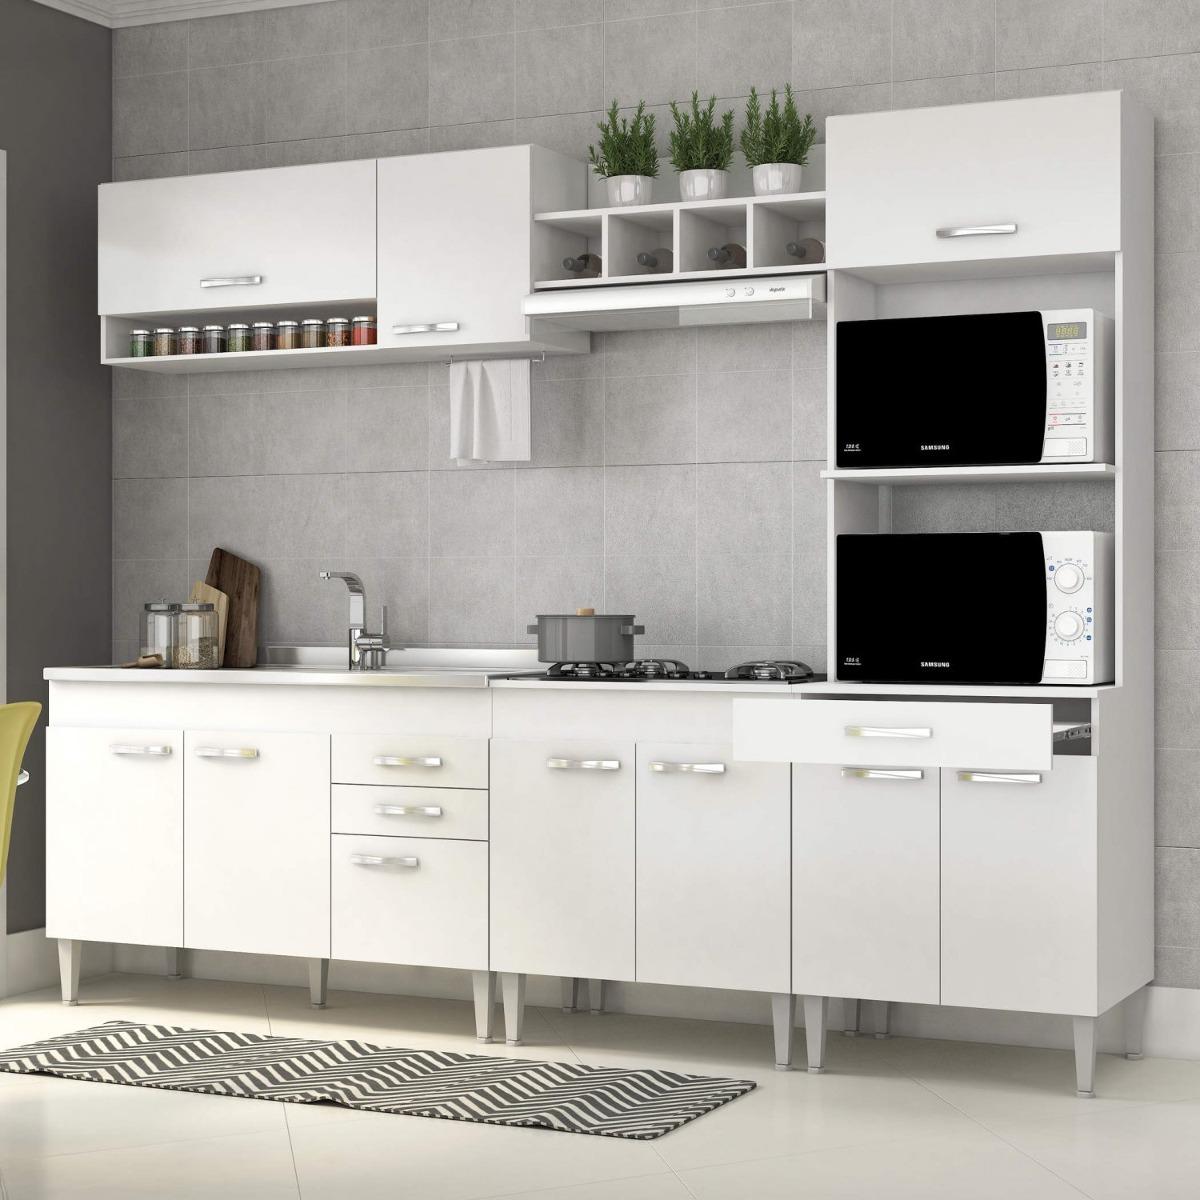 Cozinha Completa Com Balc O Sem Pia 5 Pe As 10 Dawt R 815 90 Em